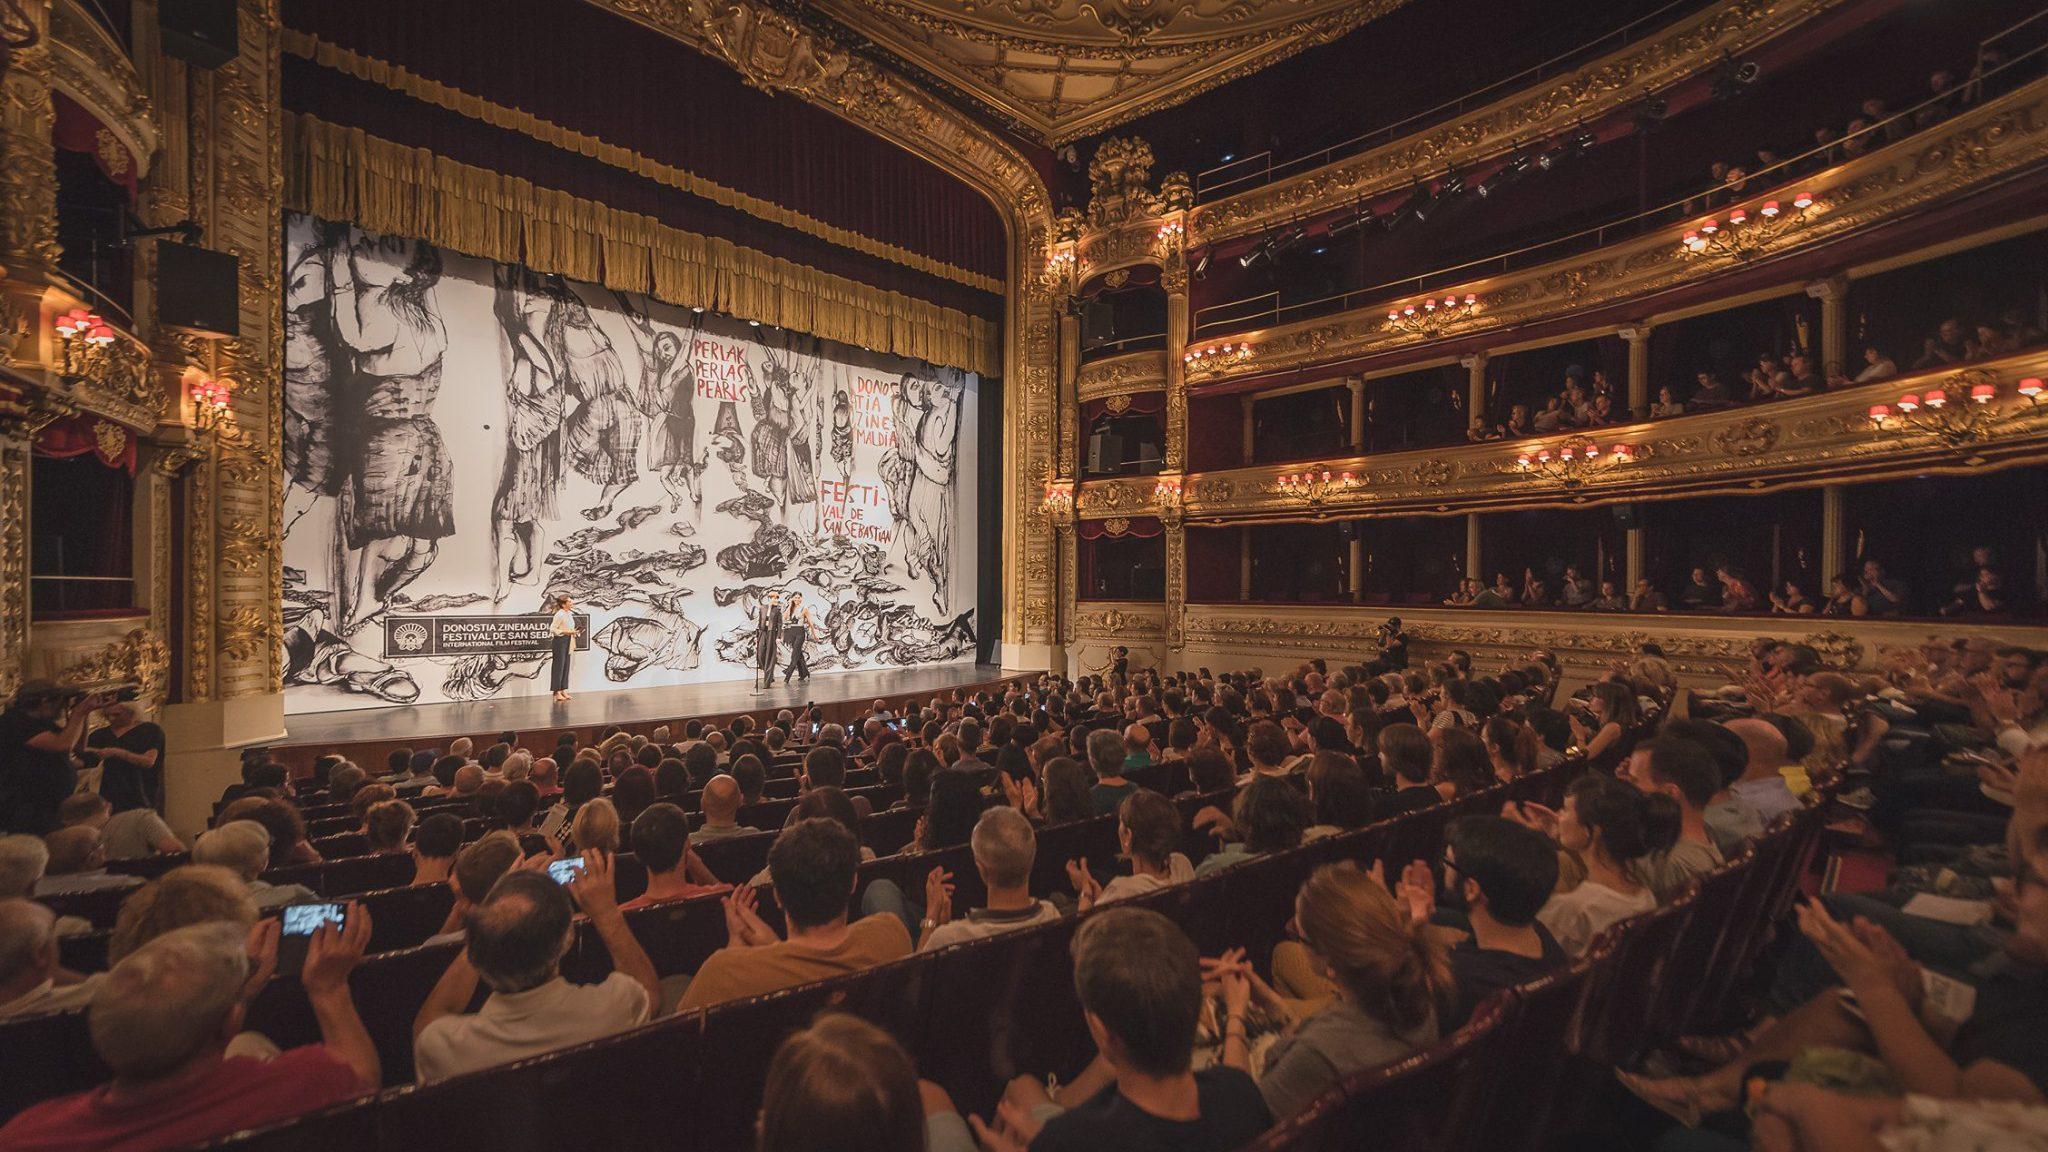 Festivales de Cine cancelados o pospuestos por propagación del coronavirus